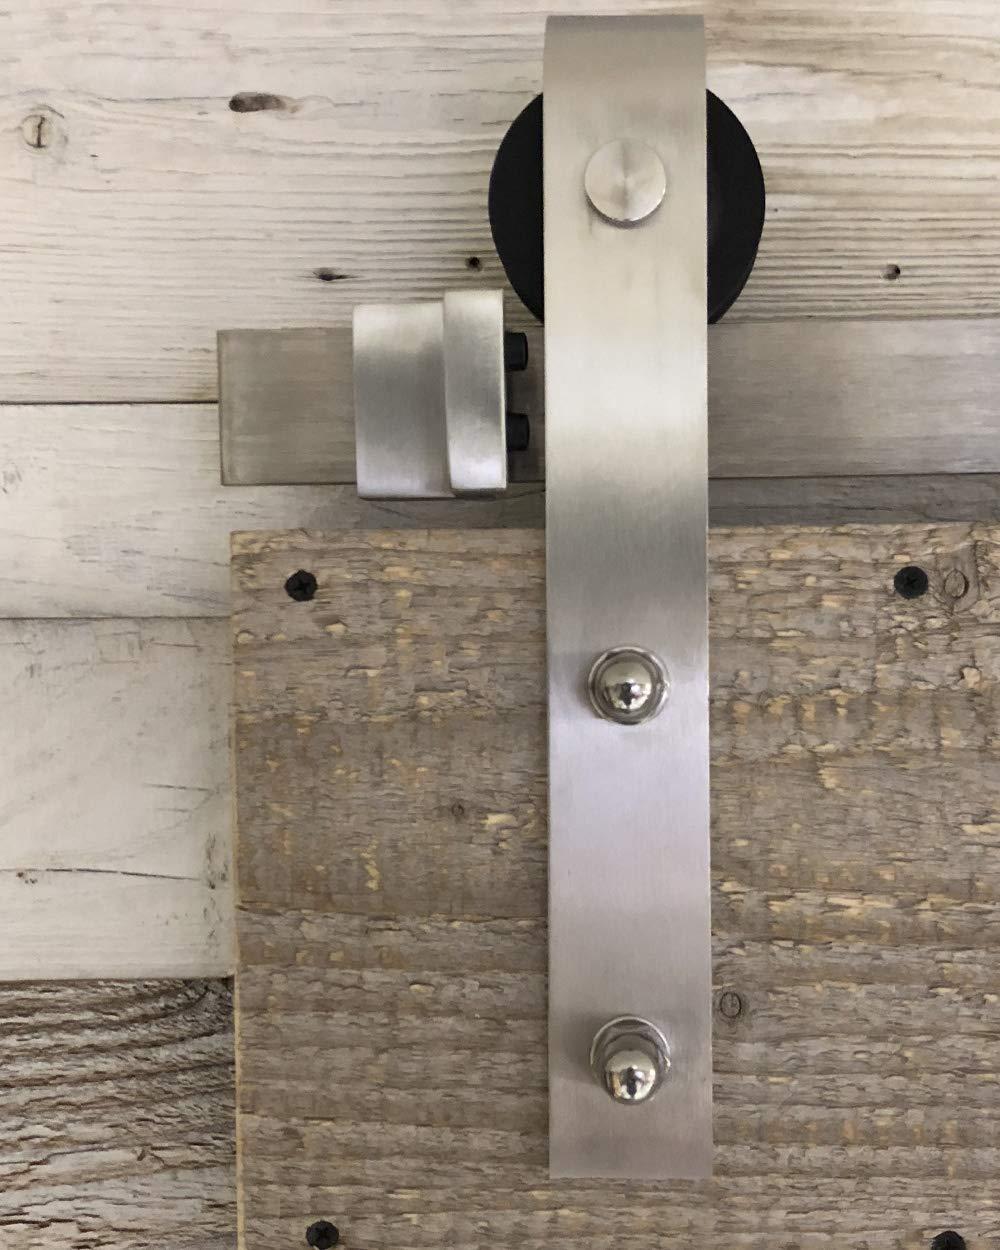 Sistema de puerta corredera recta 200 cm – Juego completo con ruedas y carril – Sistema de puerta corredera recta de 2 metros – 3 colores: Amazon.es: Bricolaje y herramientas